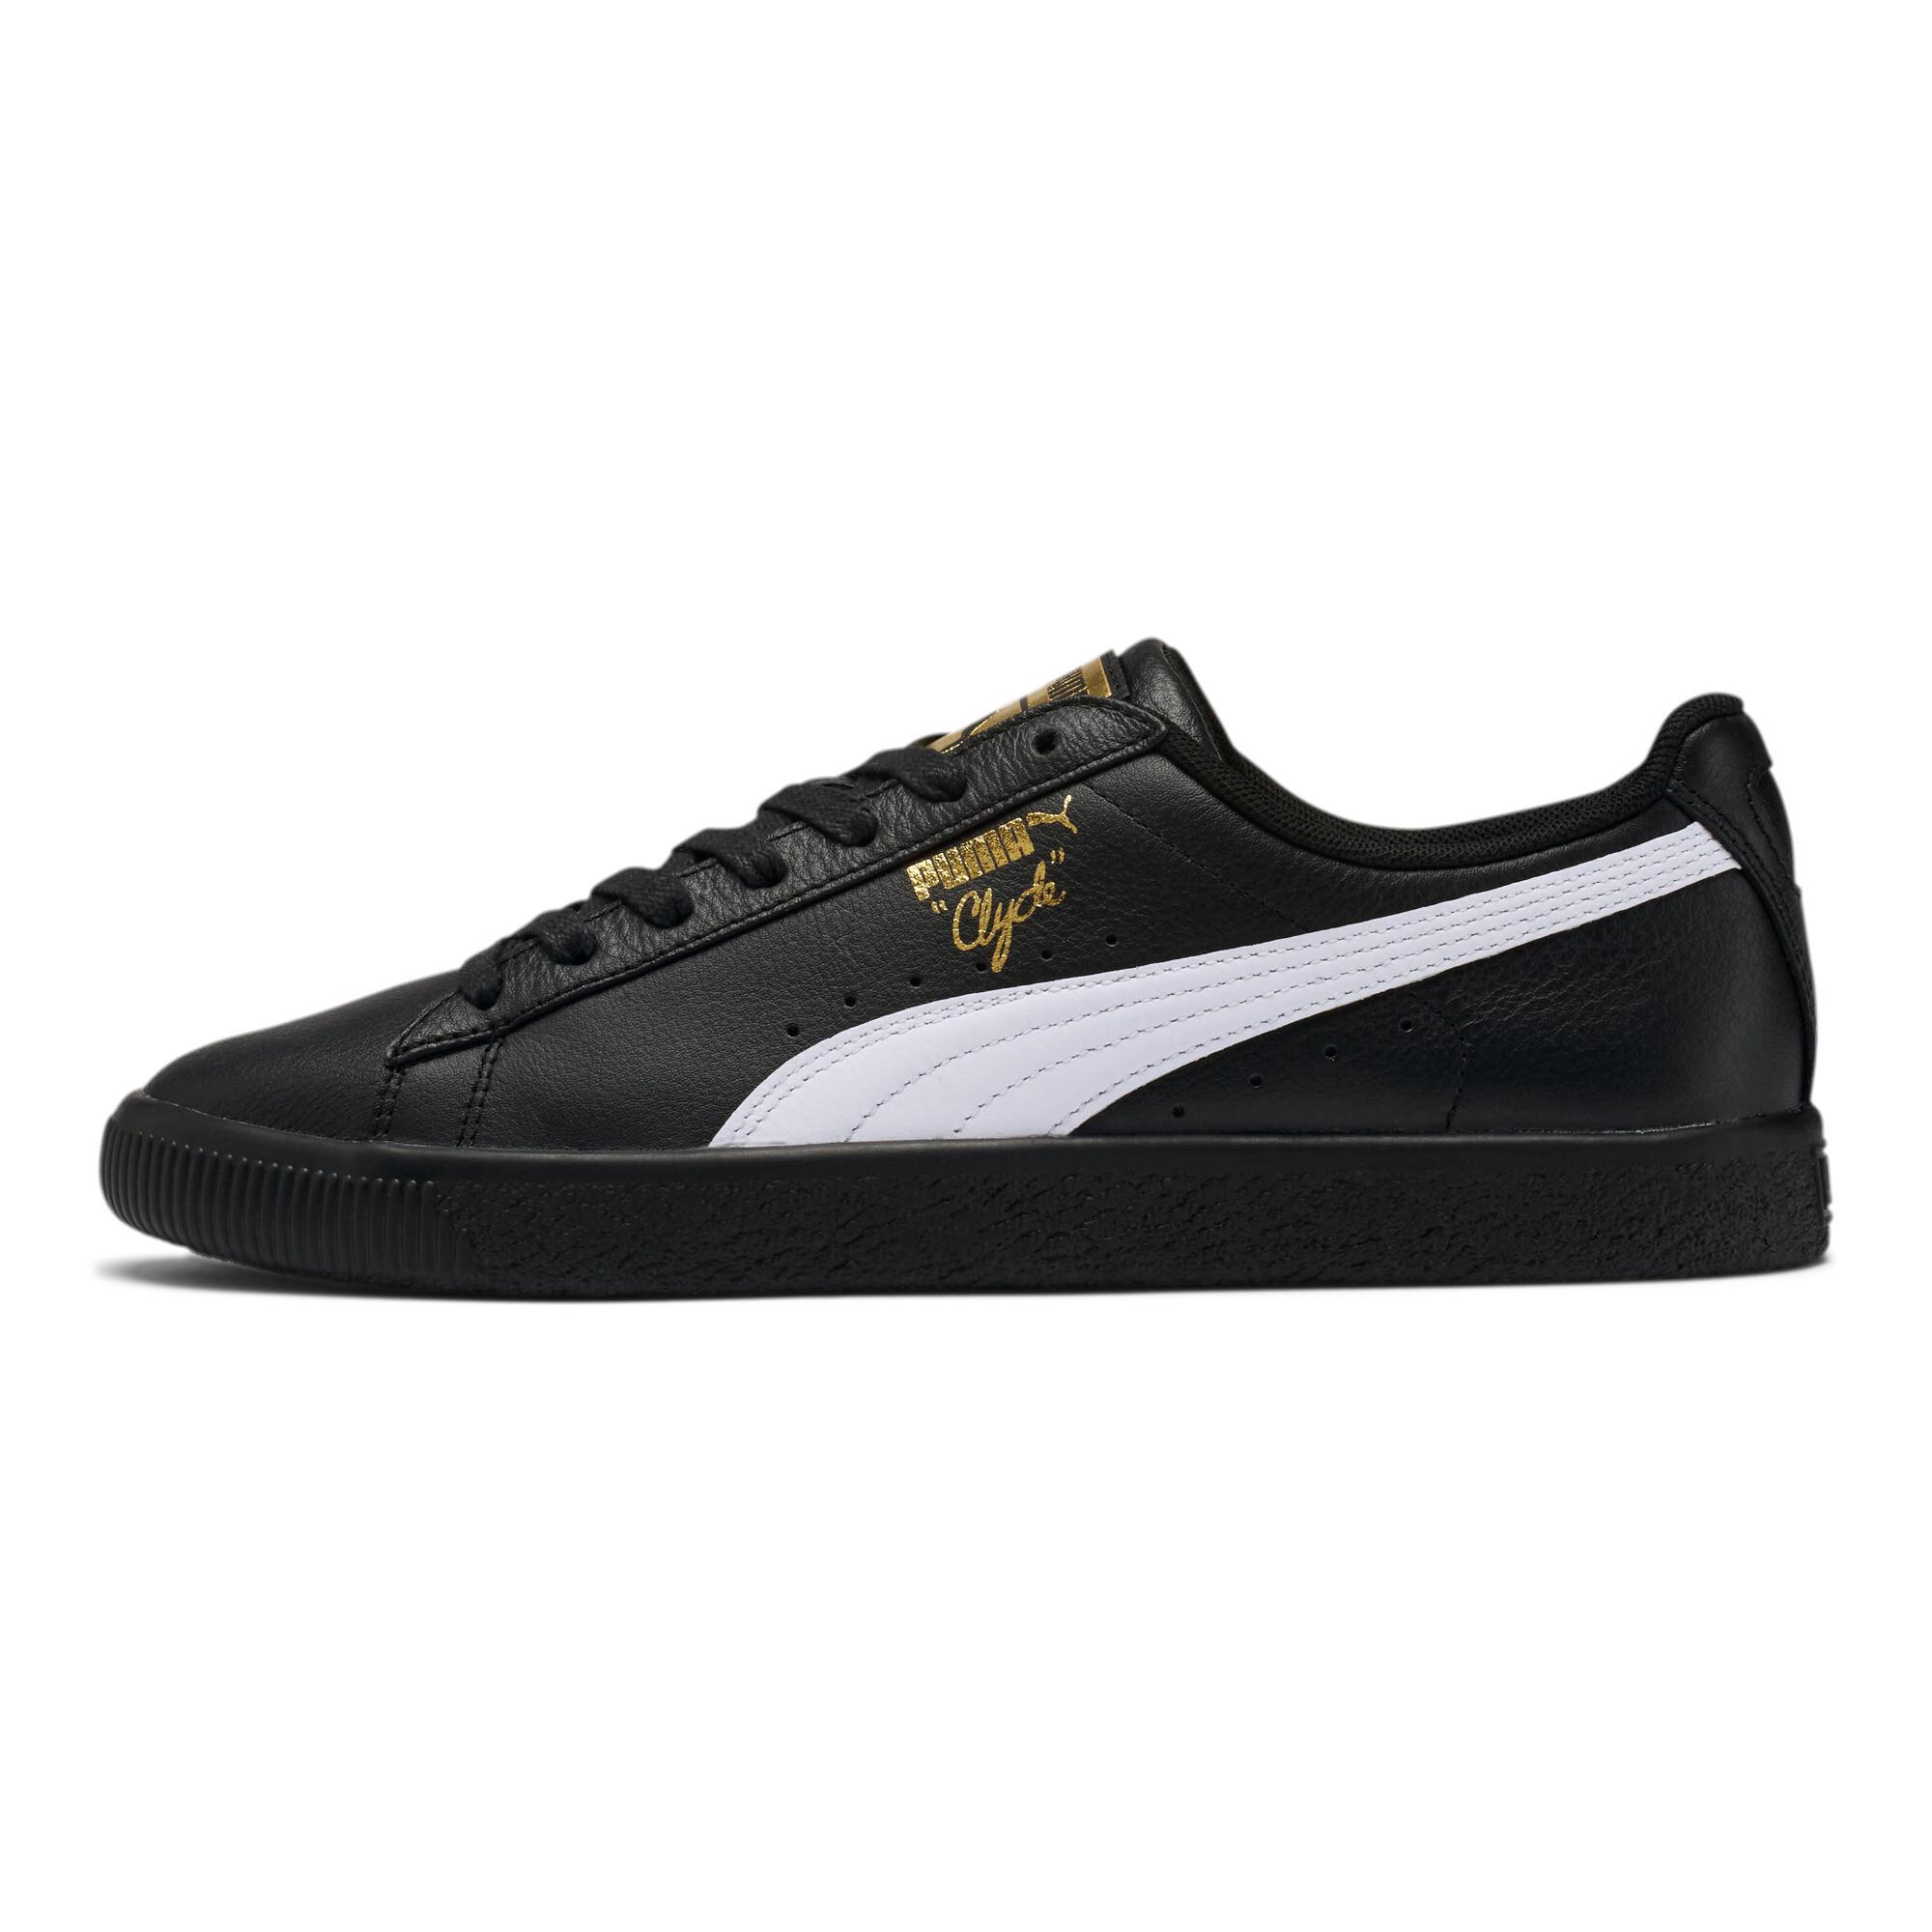 PUMA-Men-039-s-Clyde-Core-Foil-Sneakers thumbnail 5